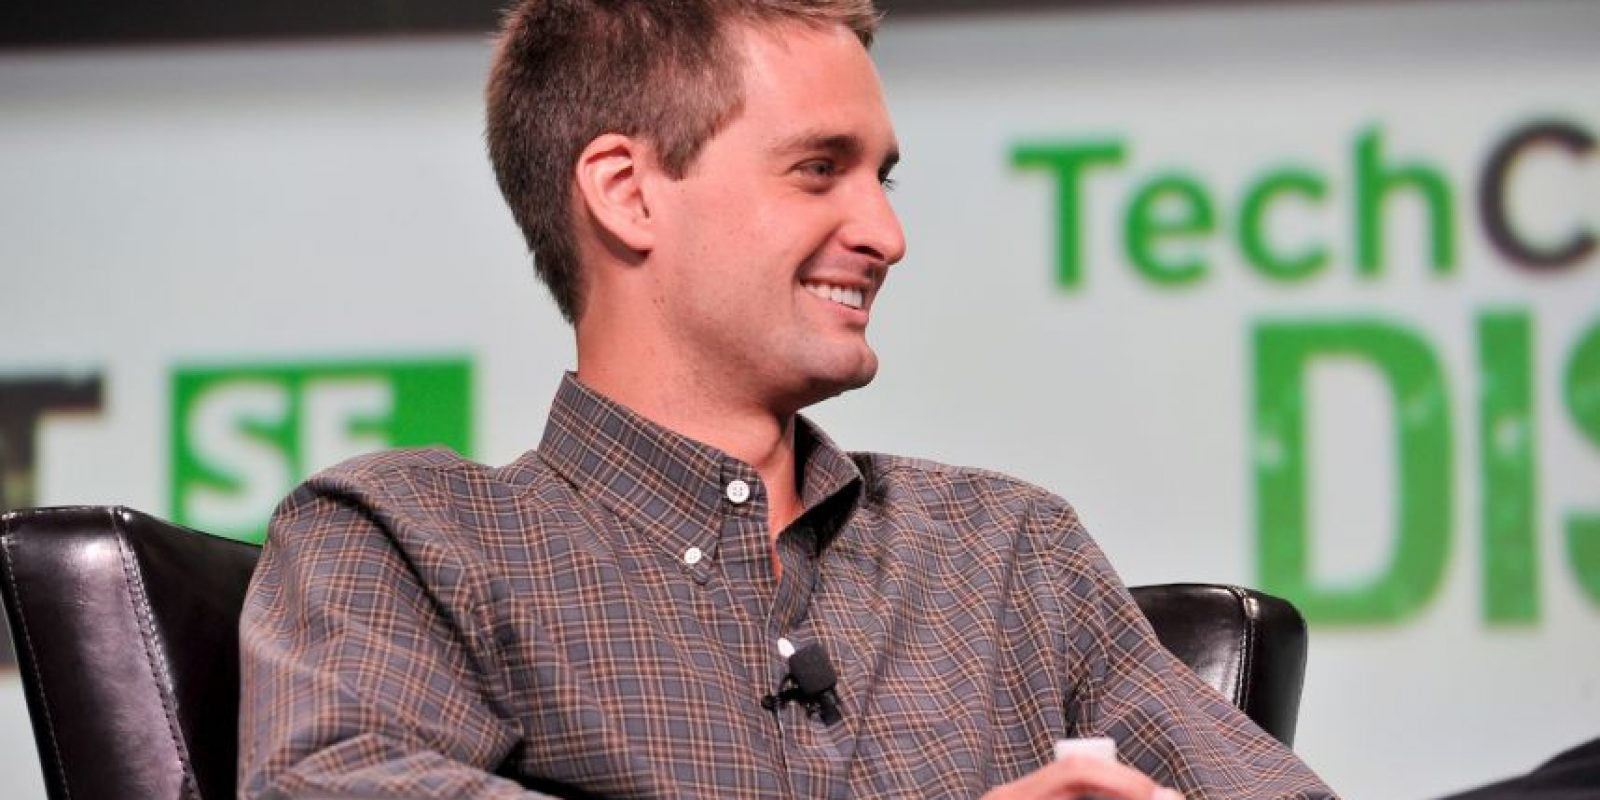 La fortuna del creador de esta app, Evan Spiegel, asciende a mil 500 millones de dólares. Solo tiene 24 años Foto:Getty Images